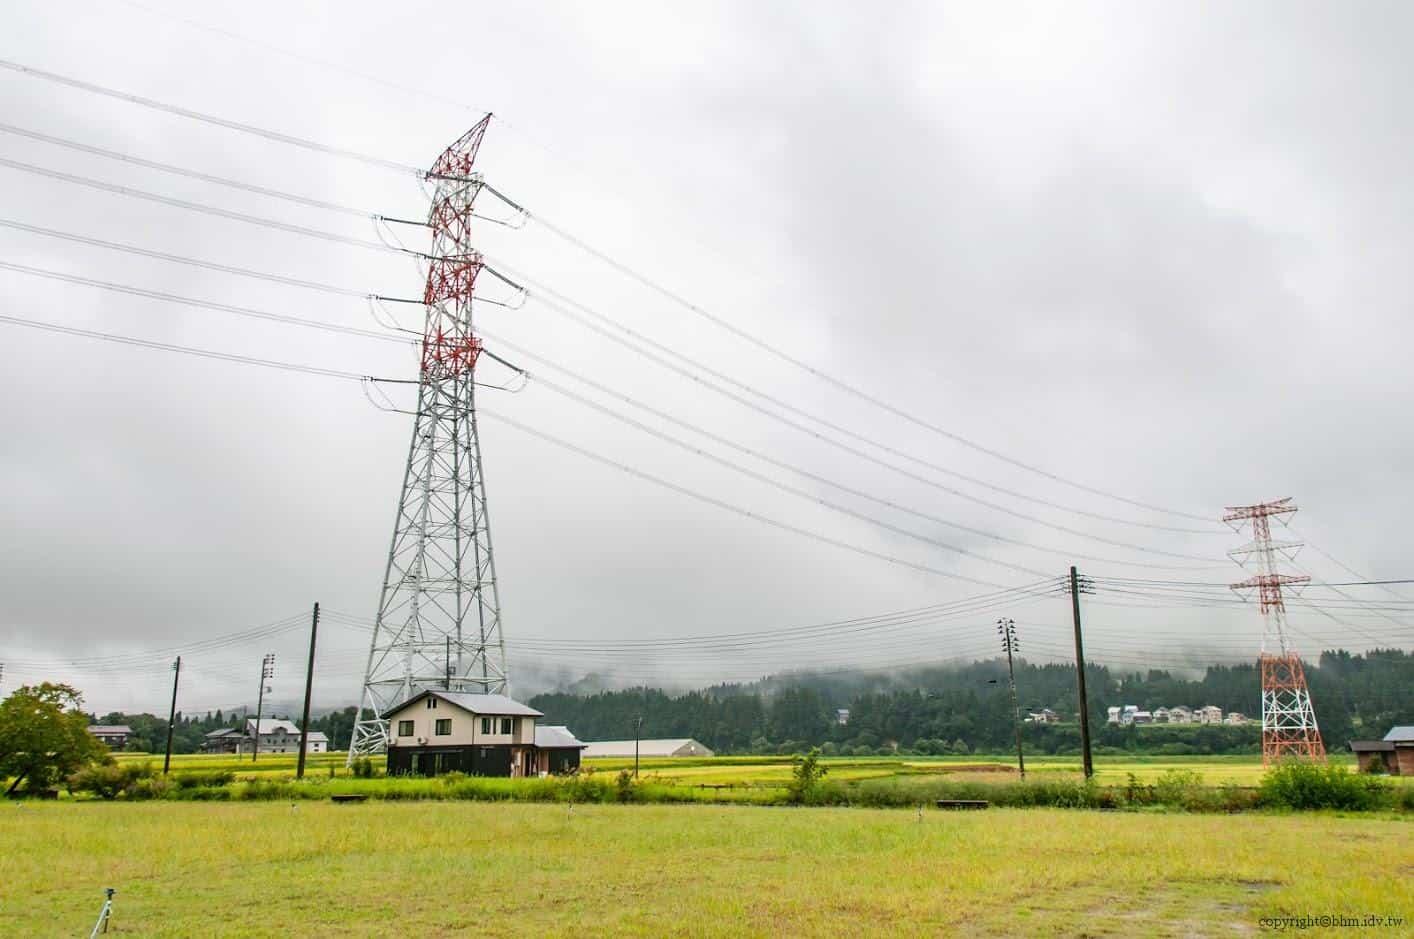 托比亞斯‧普提,太田島公園,旁邊空地後遠眺過去的高壓電路和一般電線,形成如樂曲線符般的和協構圖 太田島公園 太田島公園 otajima park 06